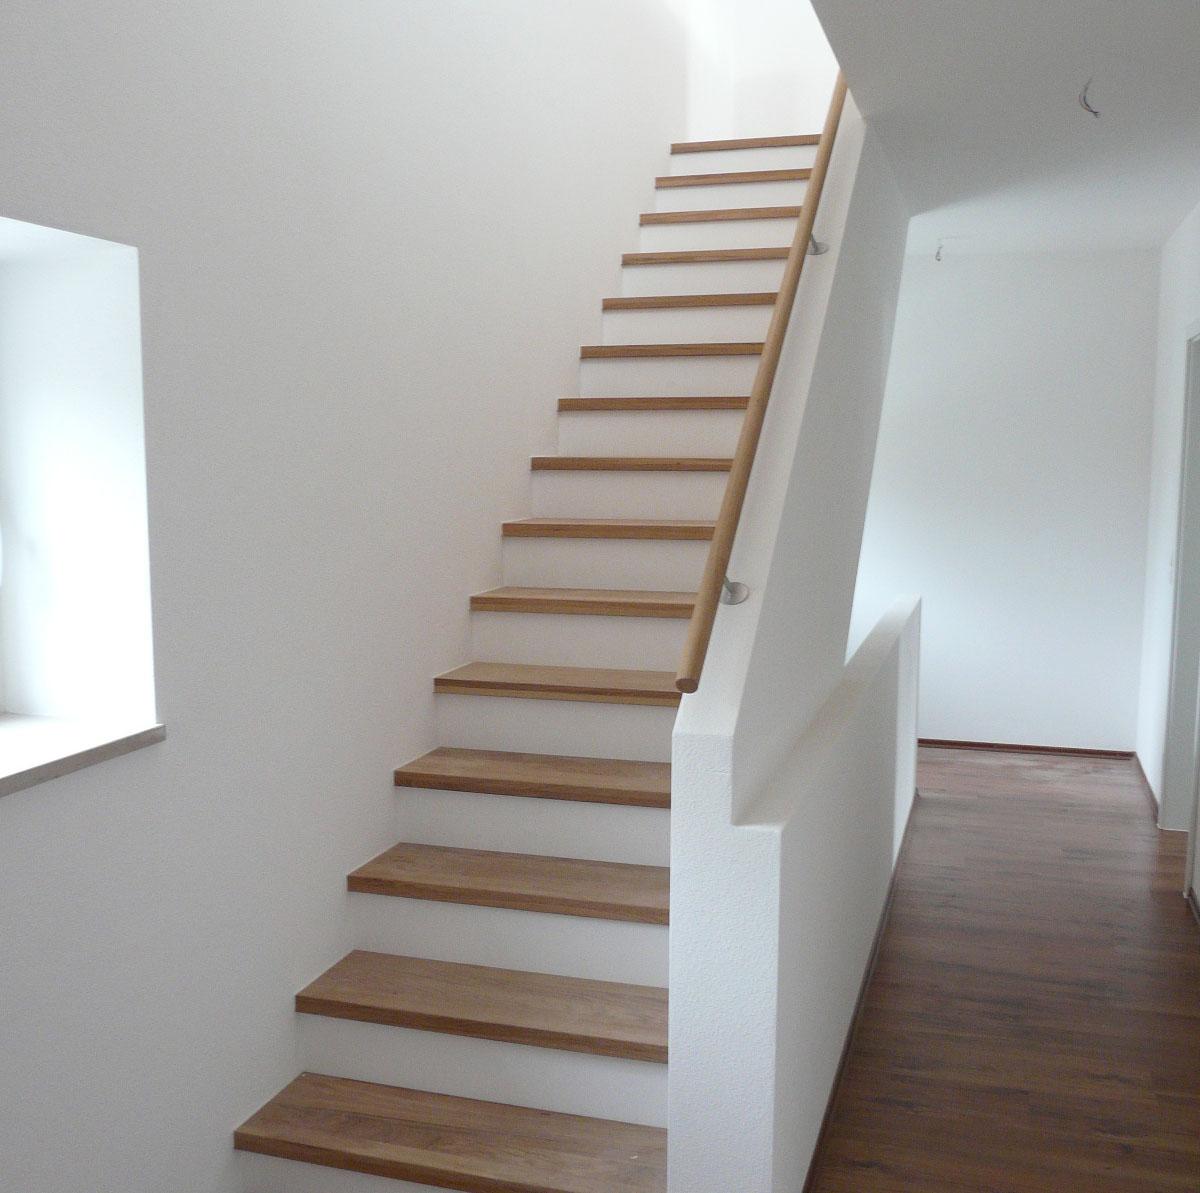 effizienzh user 55 kaufbeuren energiesparhaus gruppe als alternative zum einfamilienhaus. Black Bedroom Furniture Sets. Home Design Ideas